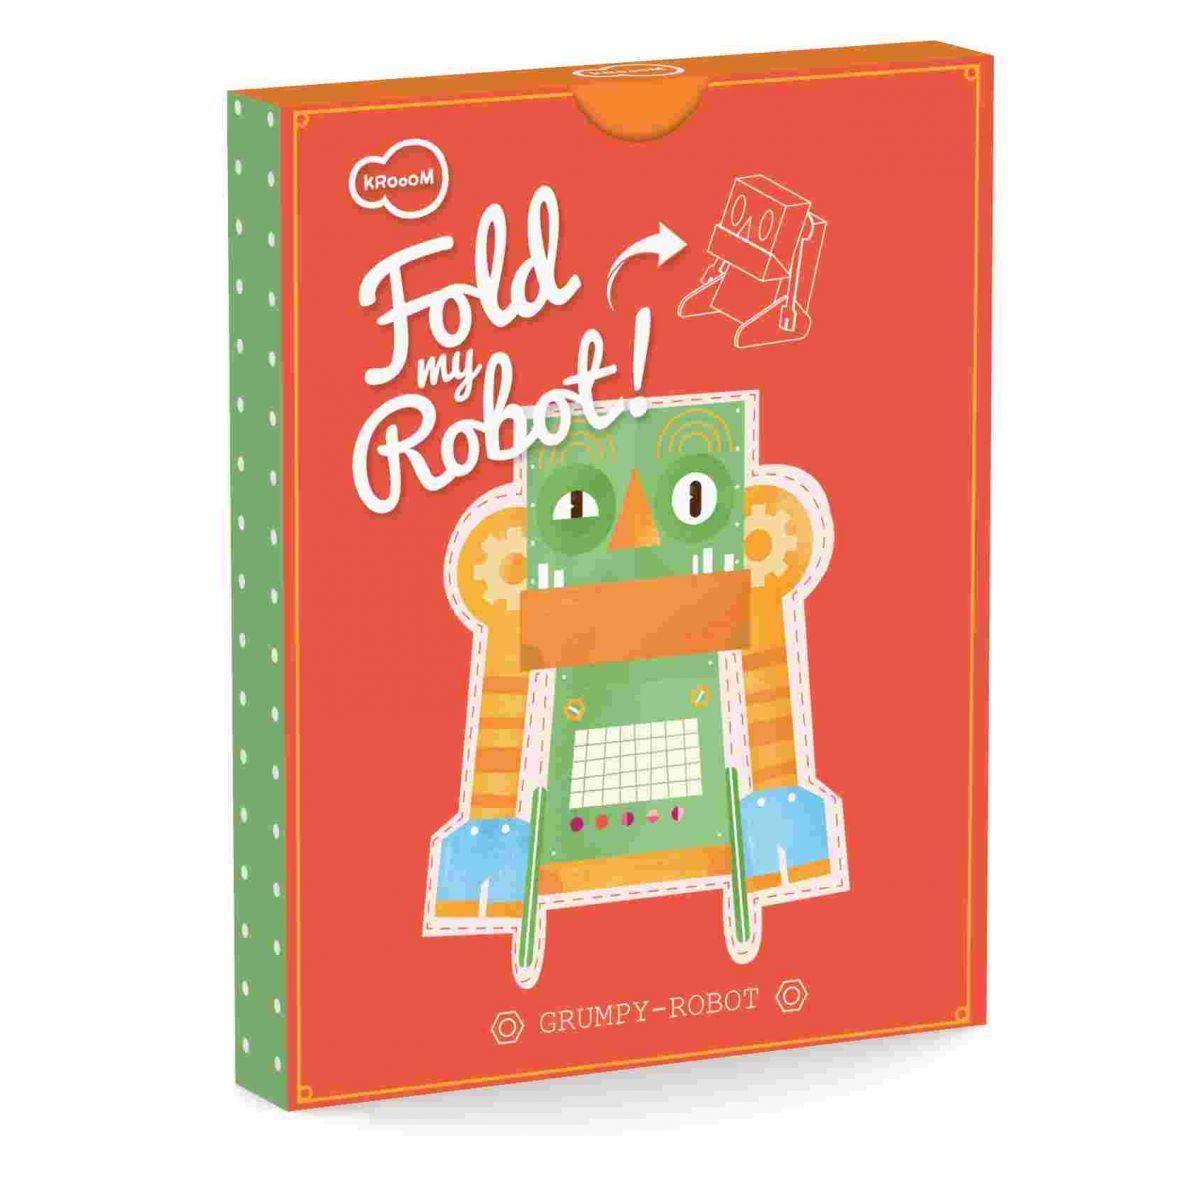 Robô de Brincar Mal Humorado - Krooom